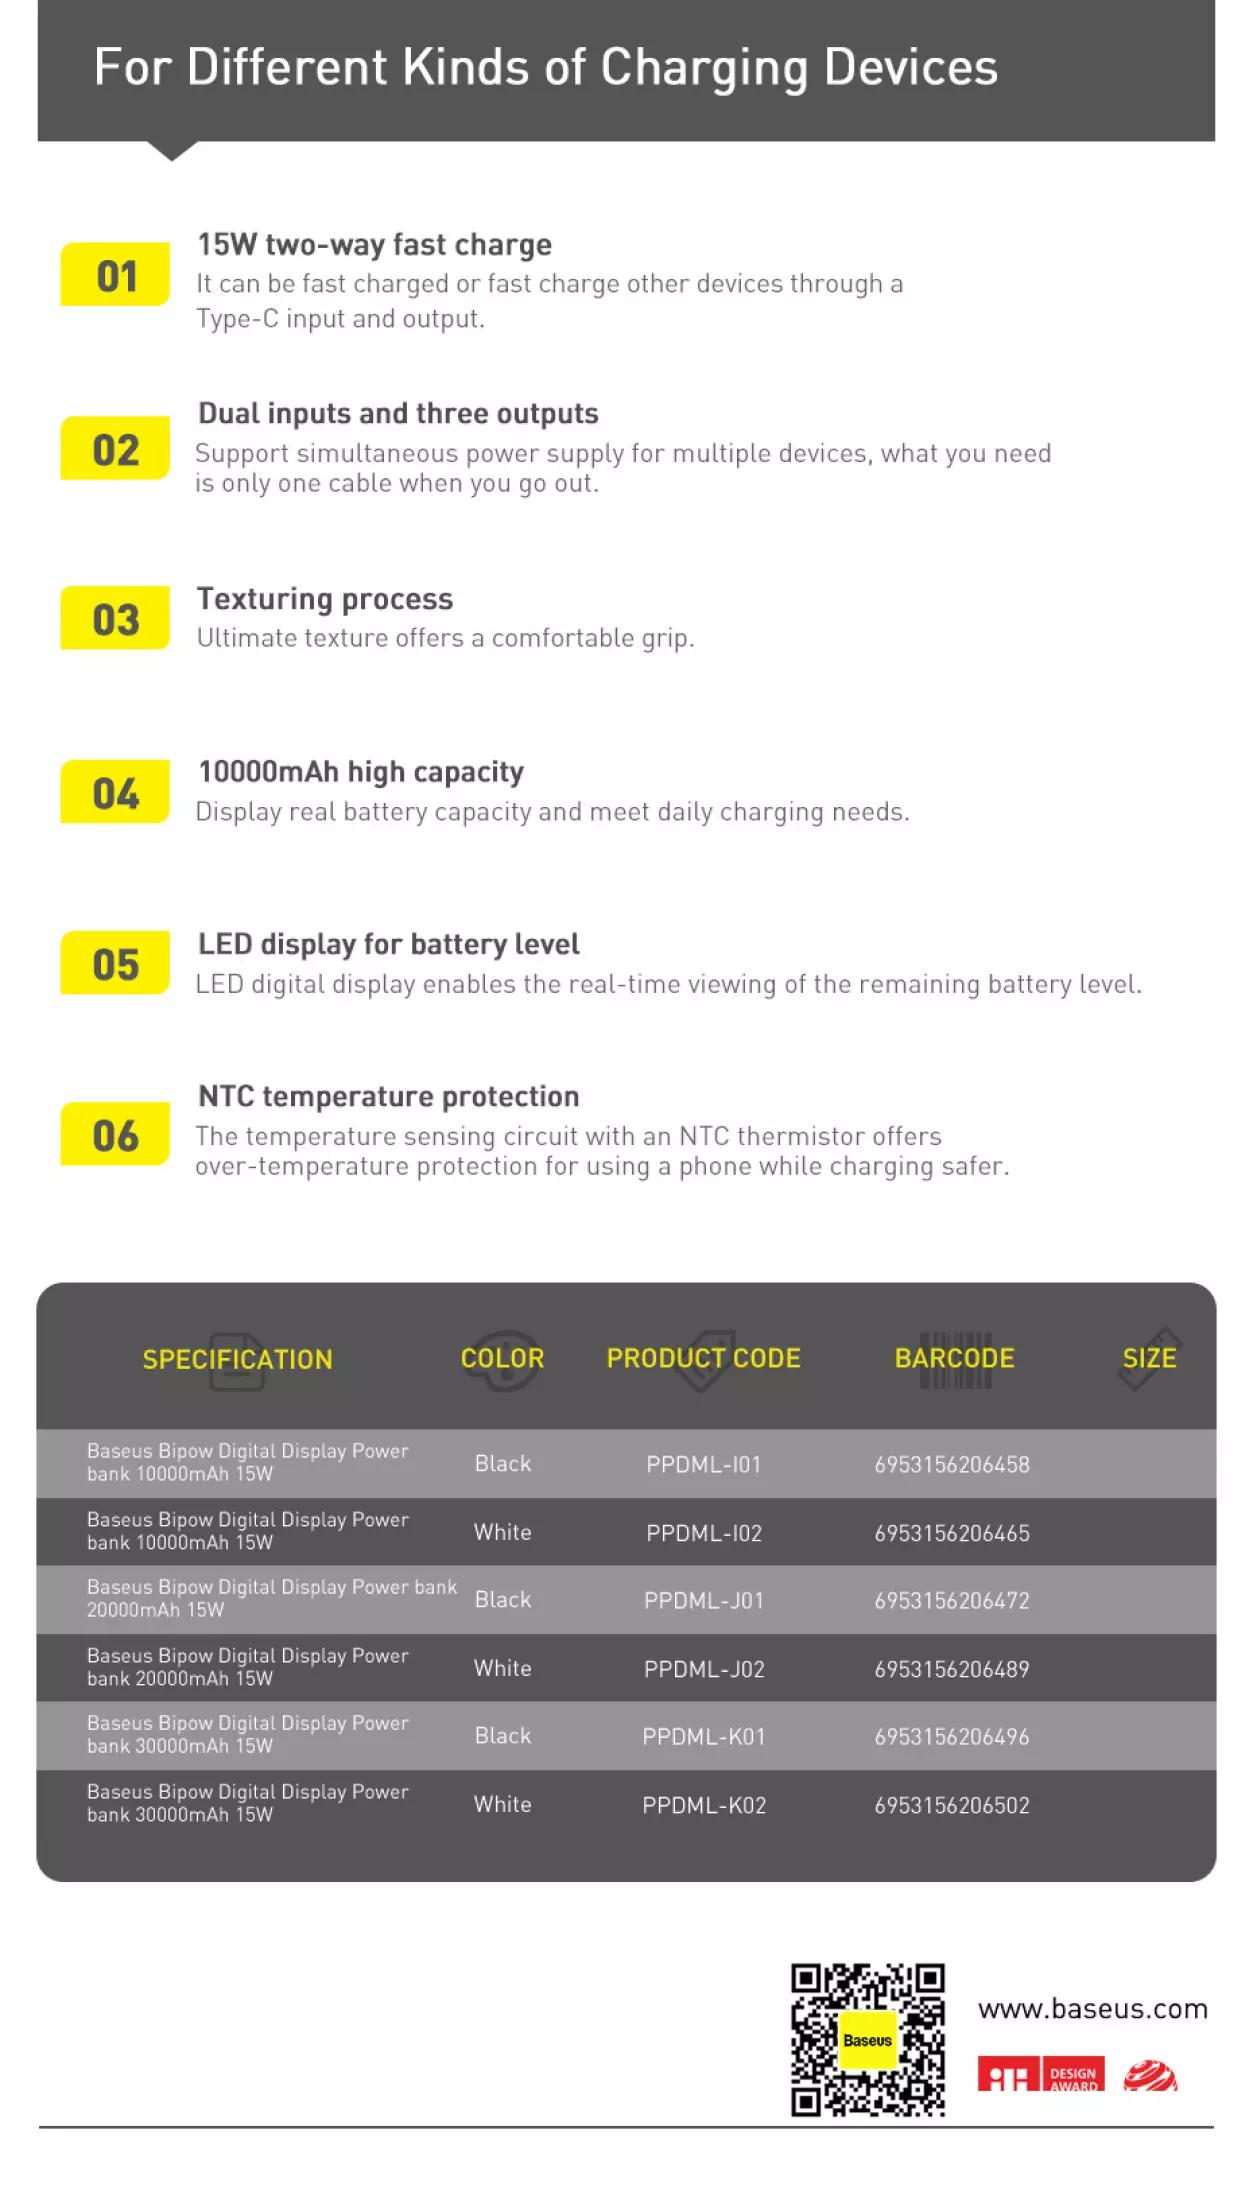 Pin sạc dự phòng Baseus dung lượng 10000mAh công suất 15W hoặc 20W, màn hình LED hiển thị, sạc nhanh QC, PD cho iPhone, Samsung, Xiaomi,....-Phân phối chính hãng tại Baseus Việt Nam 14